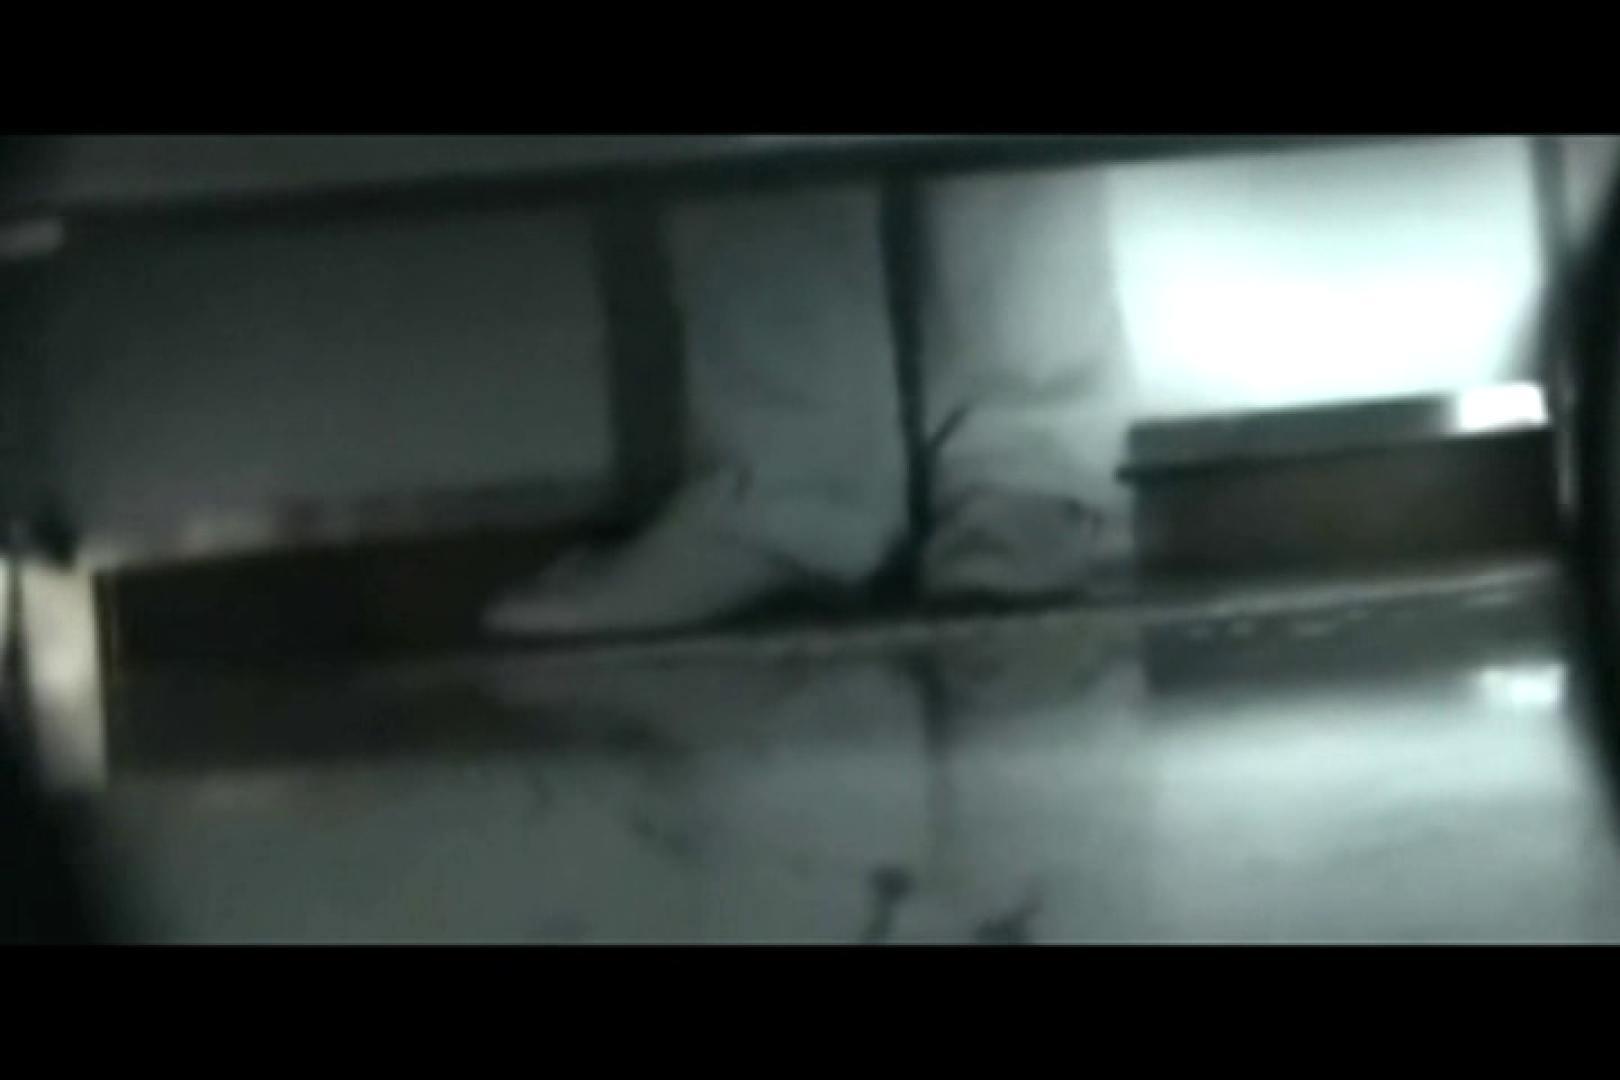 ぼっとん洗面所スペシャルVol.18 おまんこ無修正  76画像 33